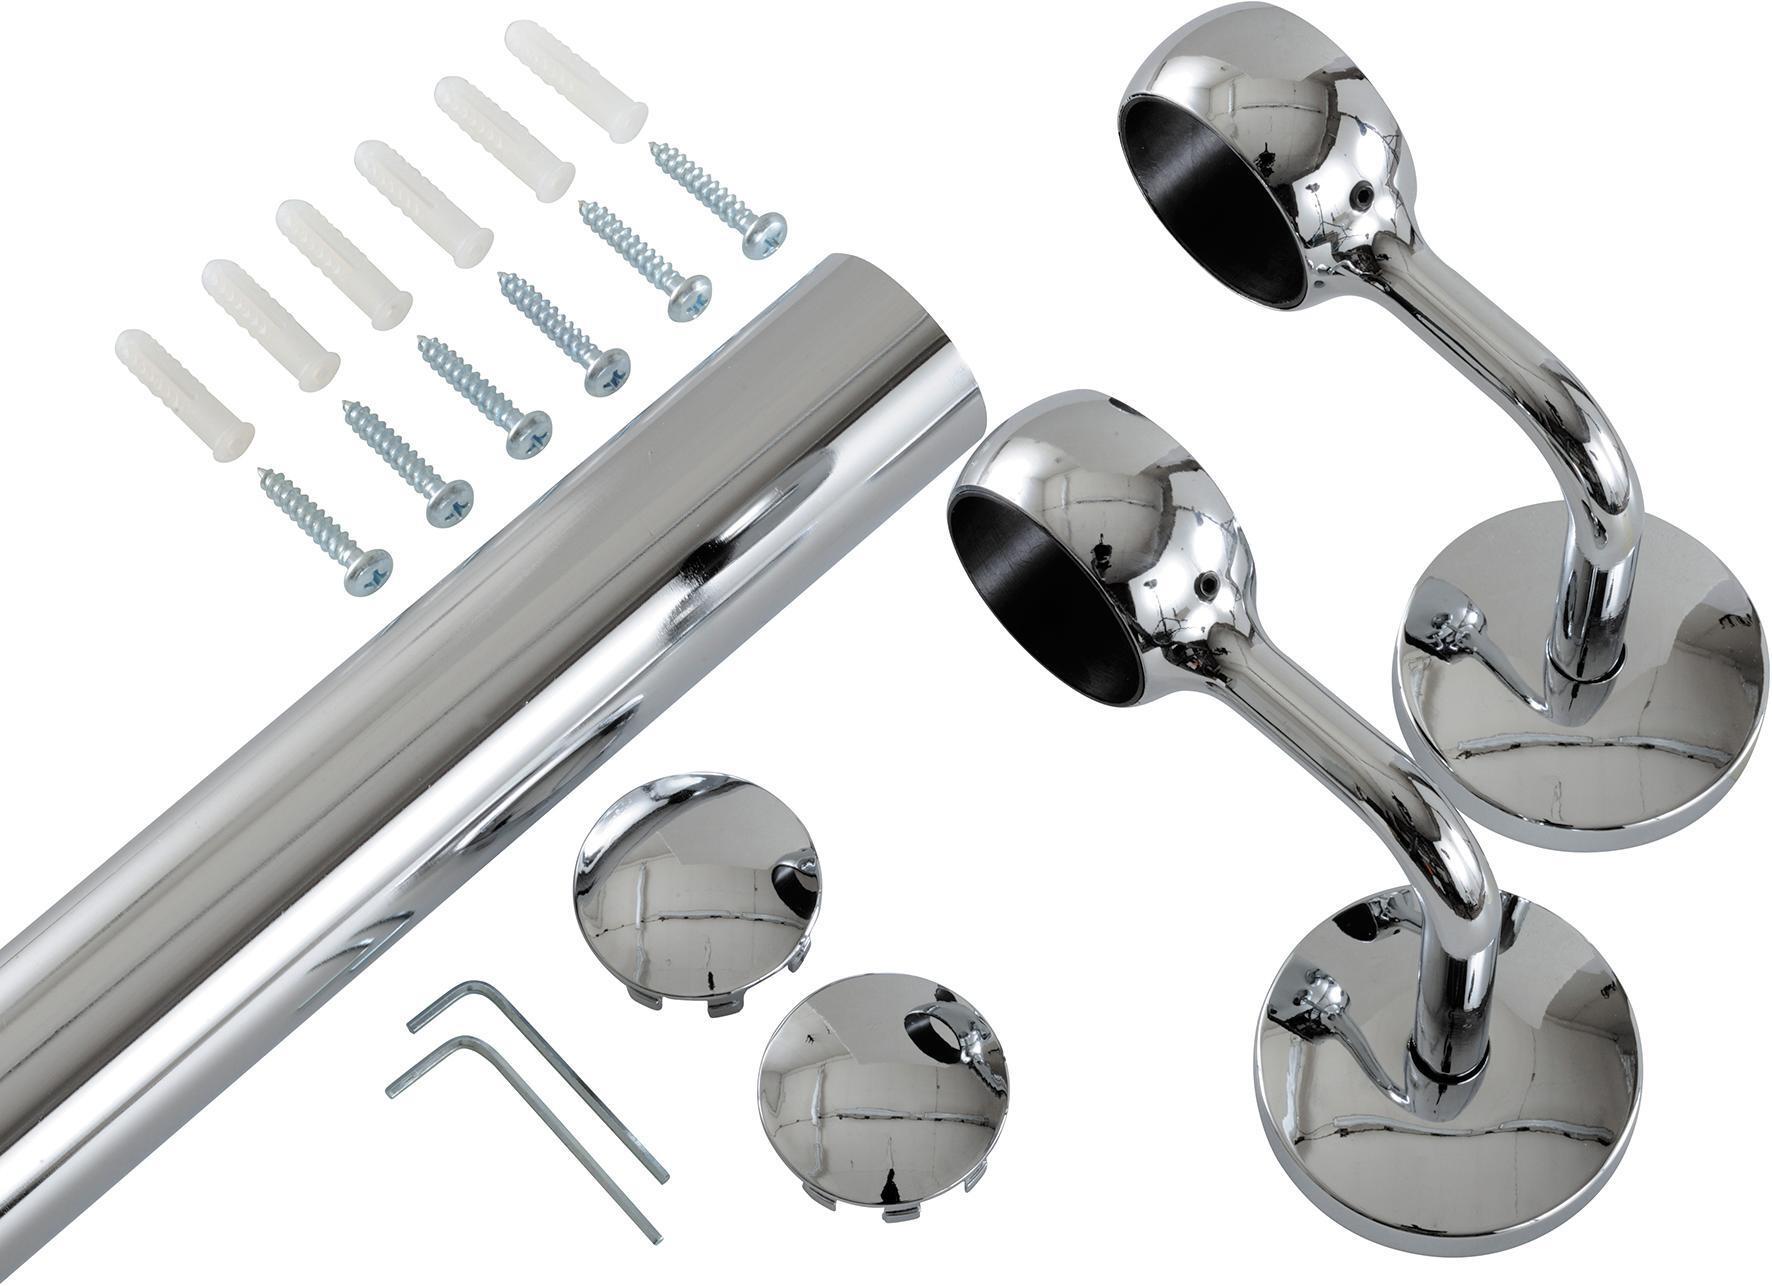 Kit corrimano in acciaio L 200 x 4 cm argento - 2